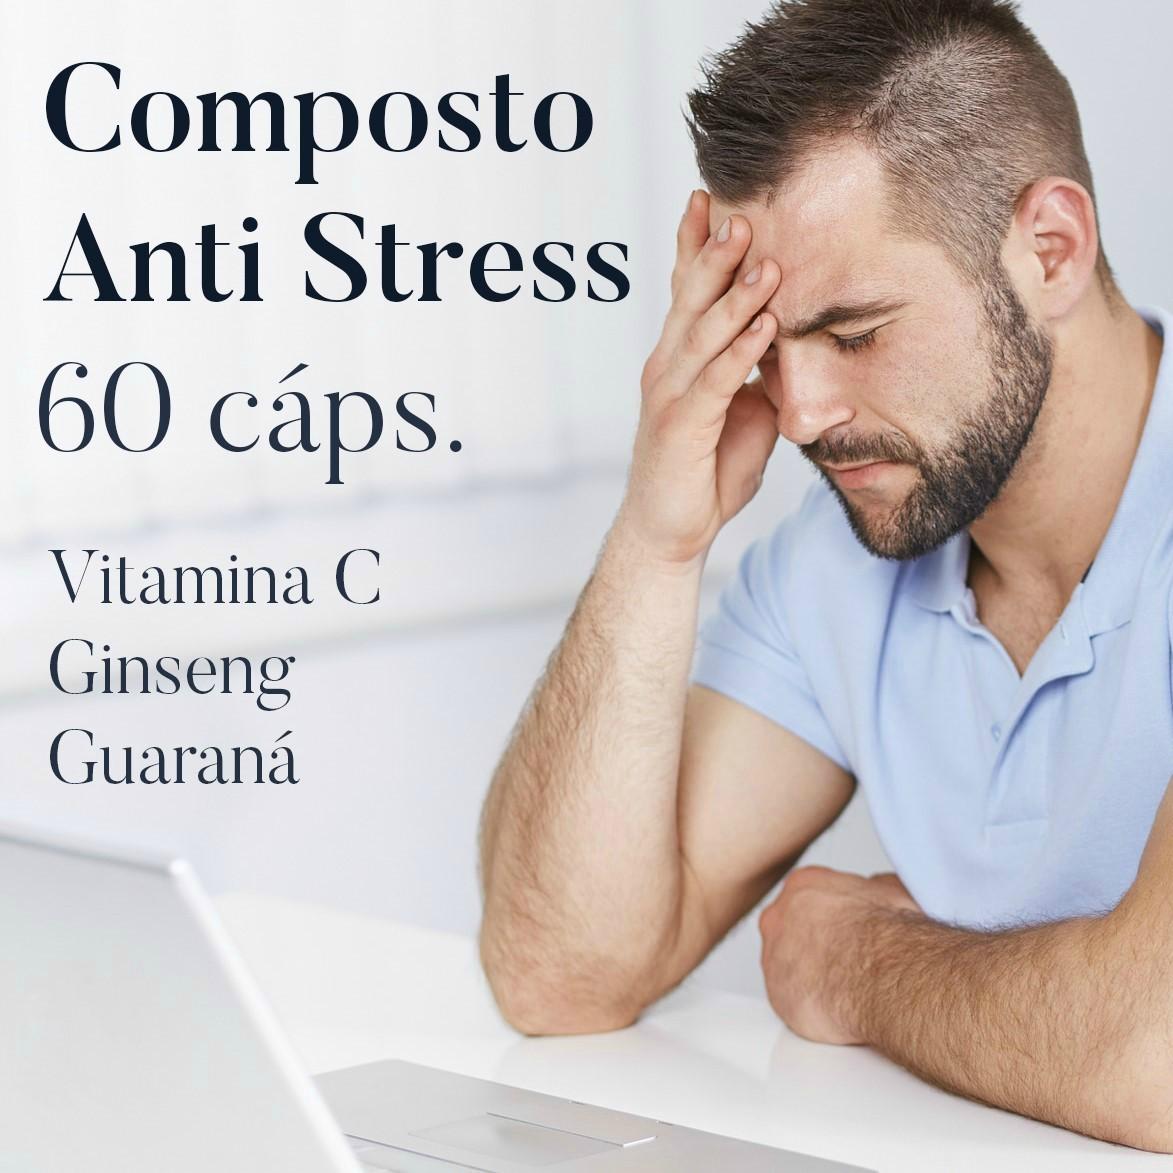 Composto Anti Stress - 60 cápsulas